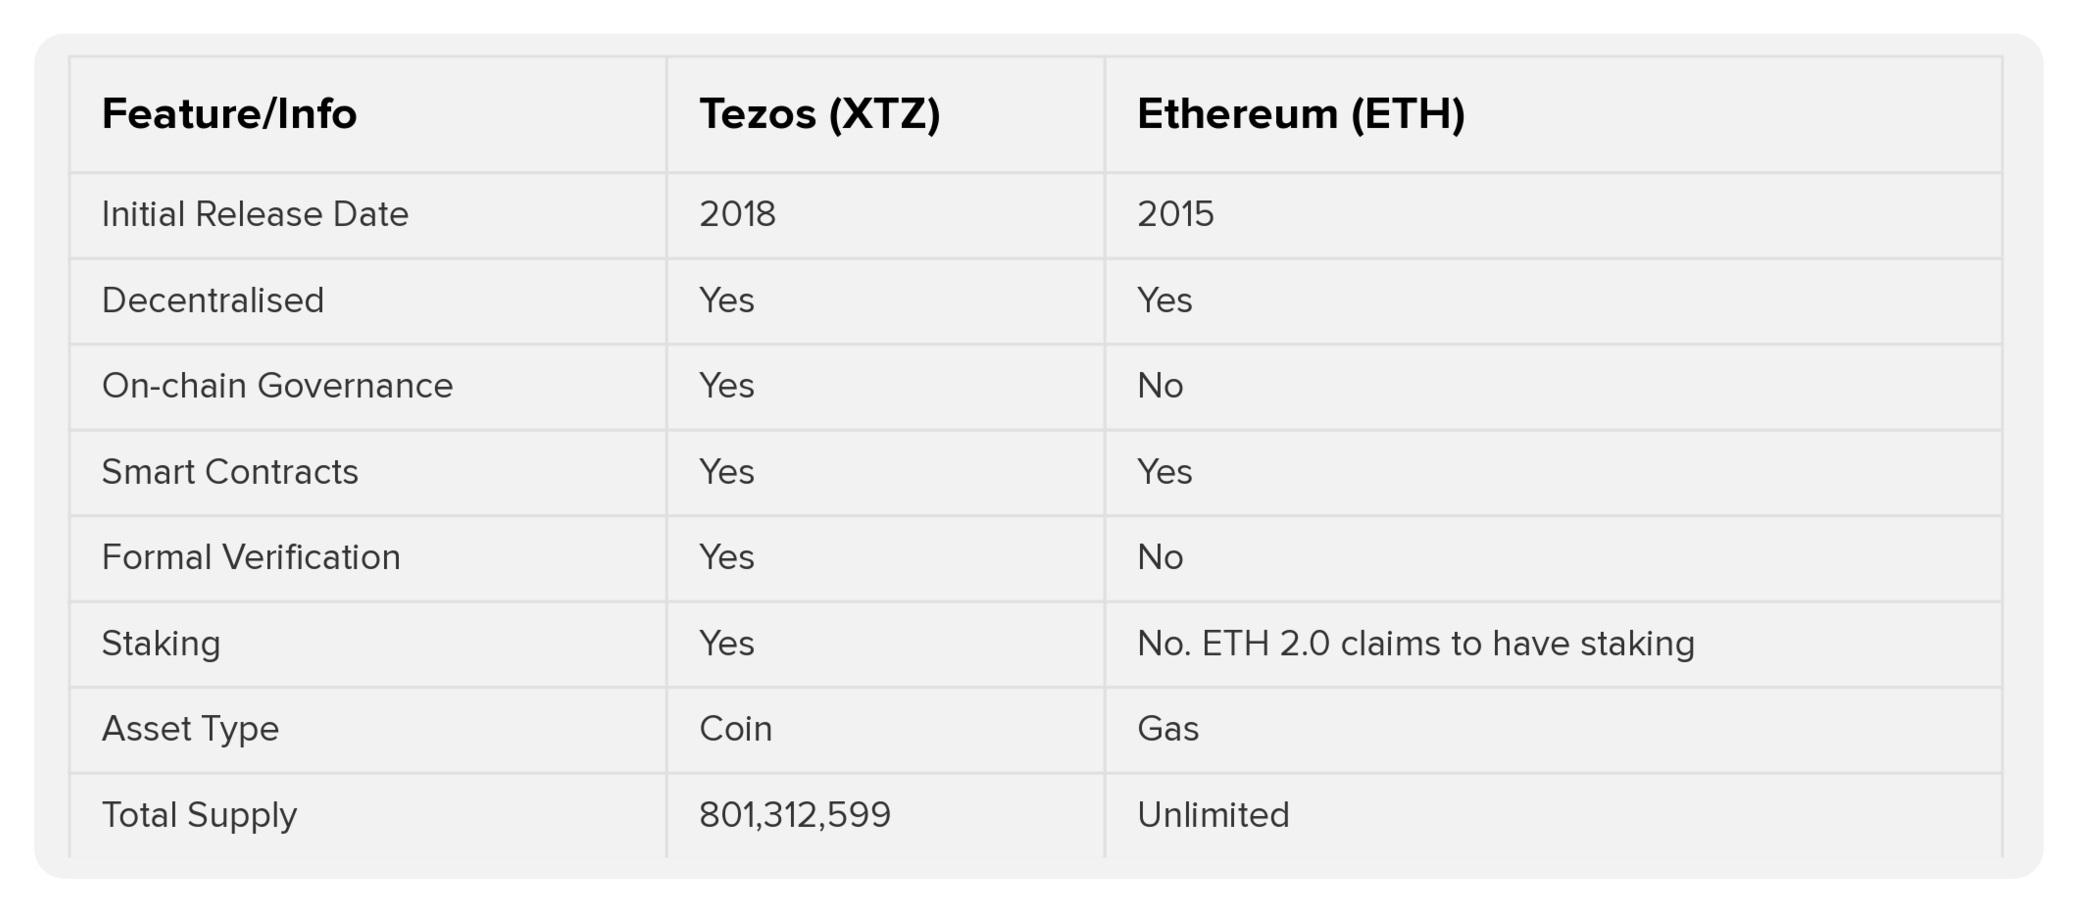 Tezos vs Ethereum comparison table